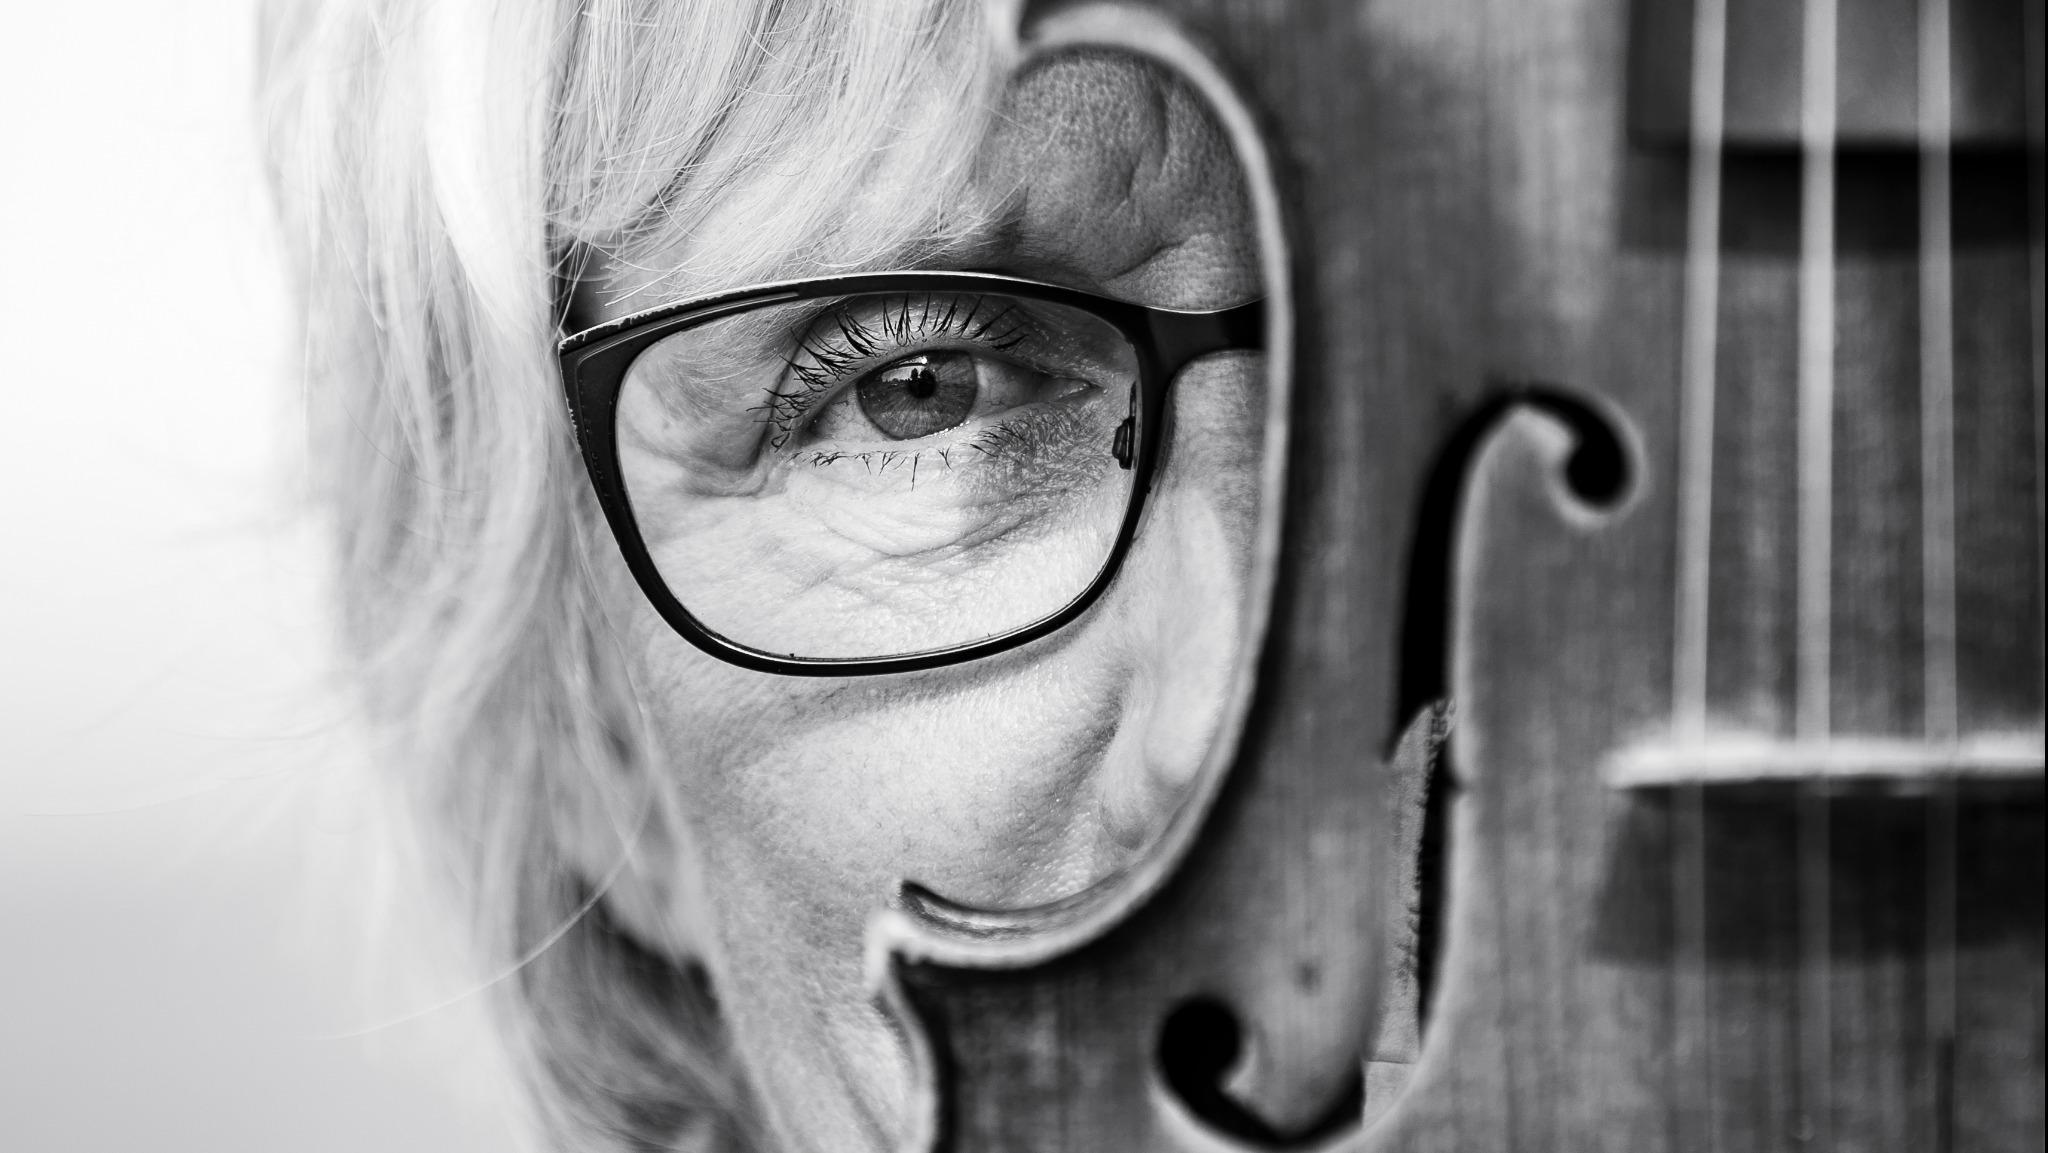 Svartvit närbild på ett delvis dolt ansikte bakom en fiol.